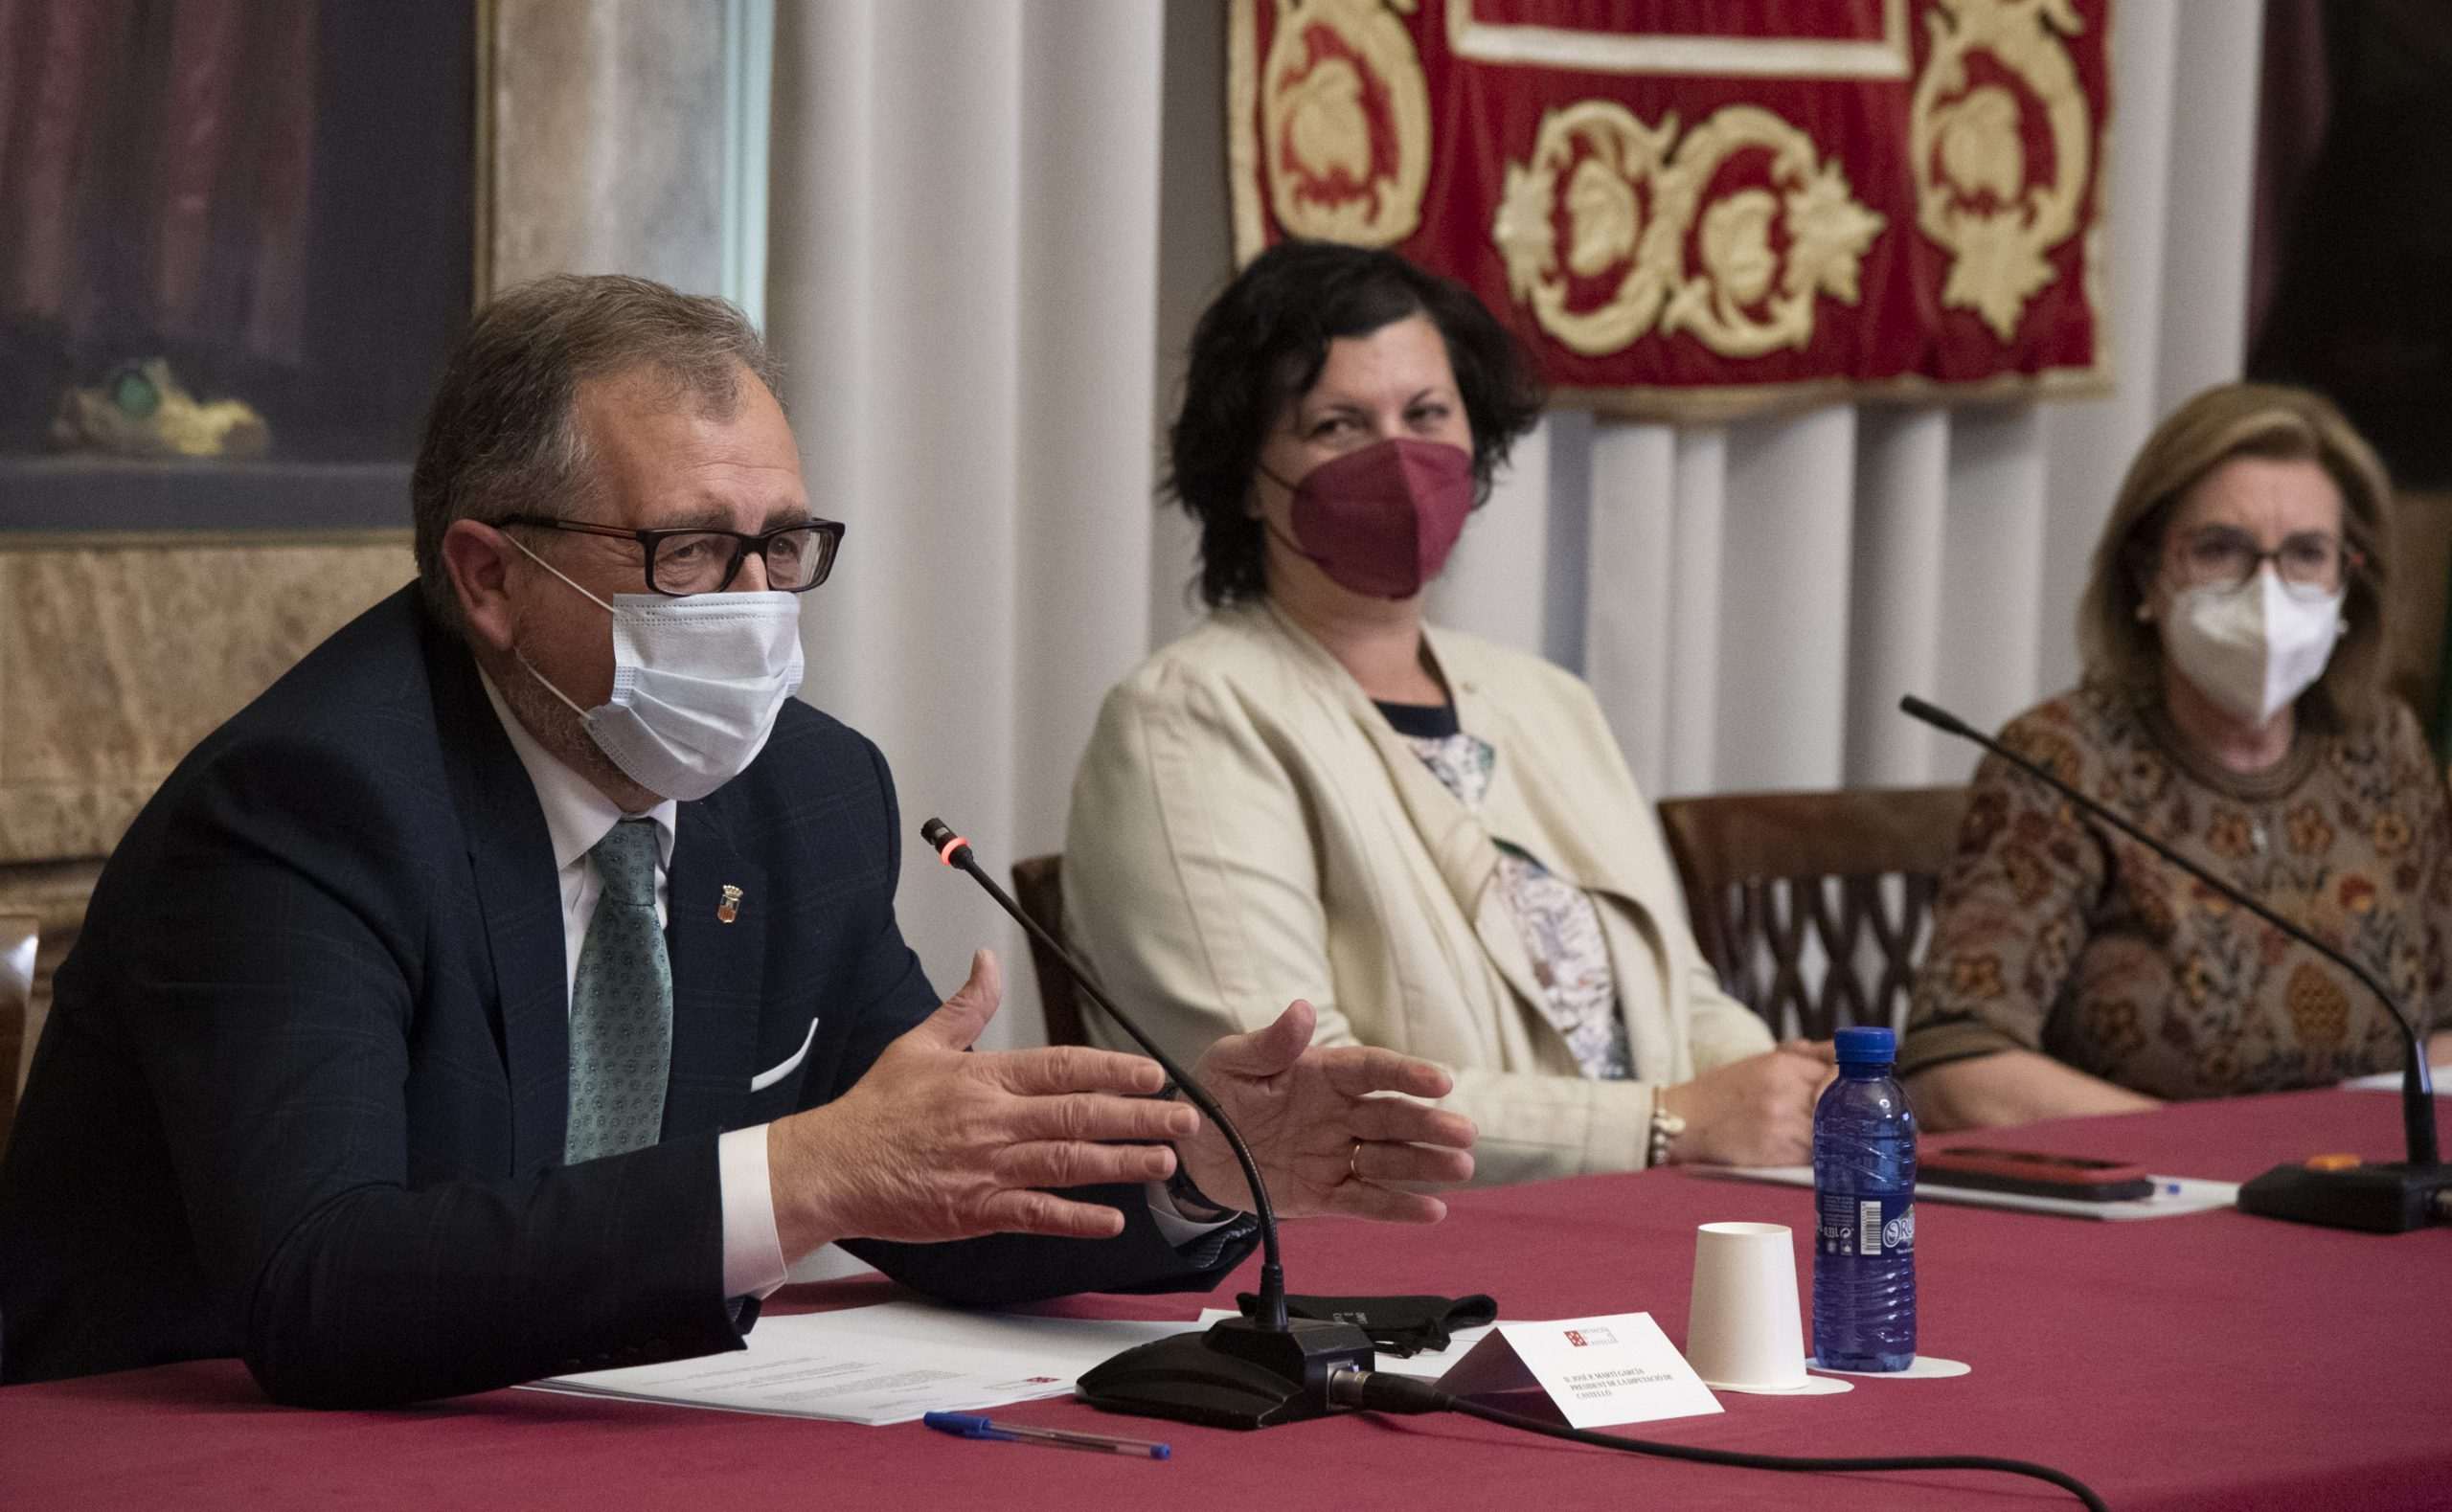 La Diputación aumenta su presupuesto a 184 millones de euros con la incorporación de 15,7 millones para impulsar la reactivación de la provincia de Castellón